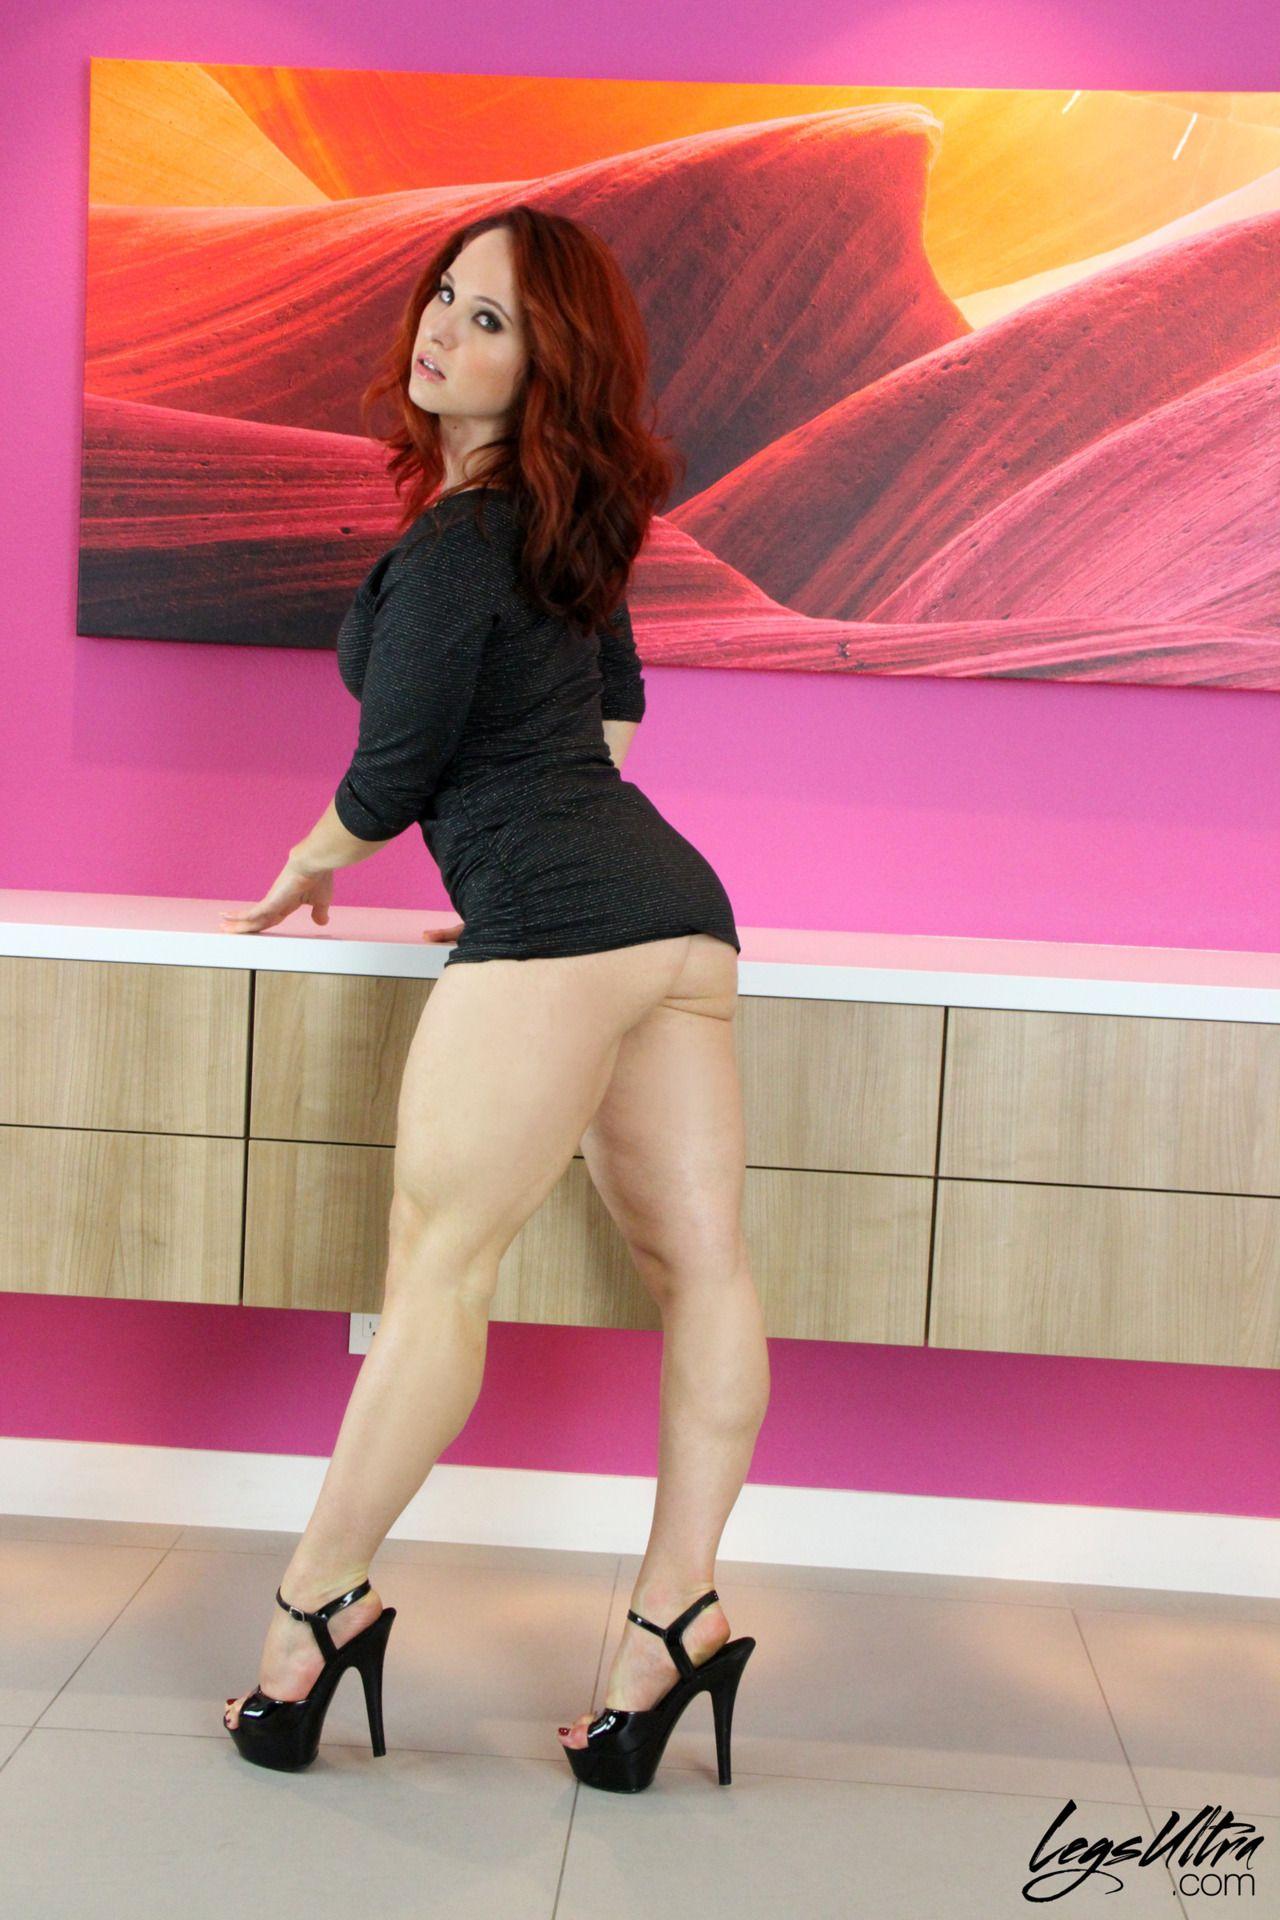 Pantyhose ass pics